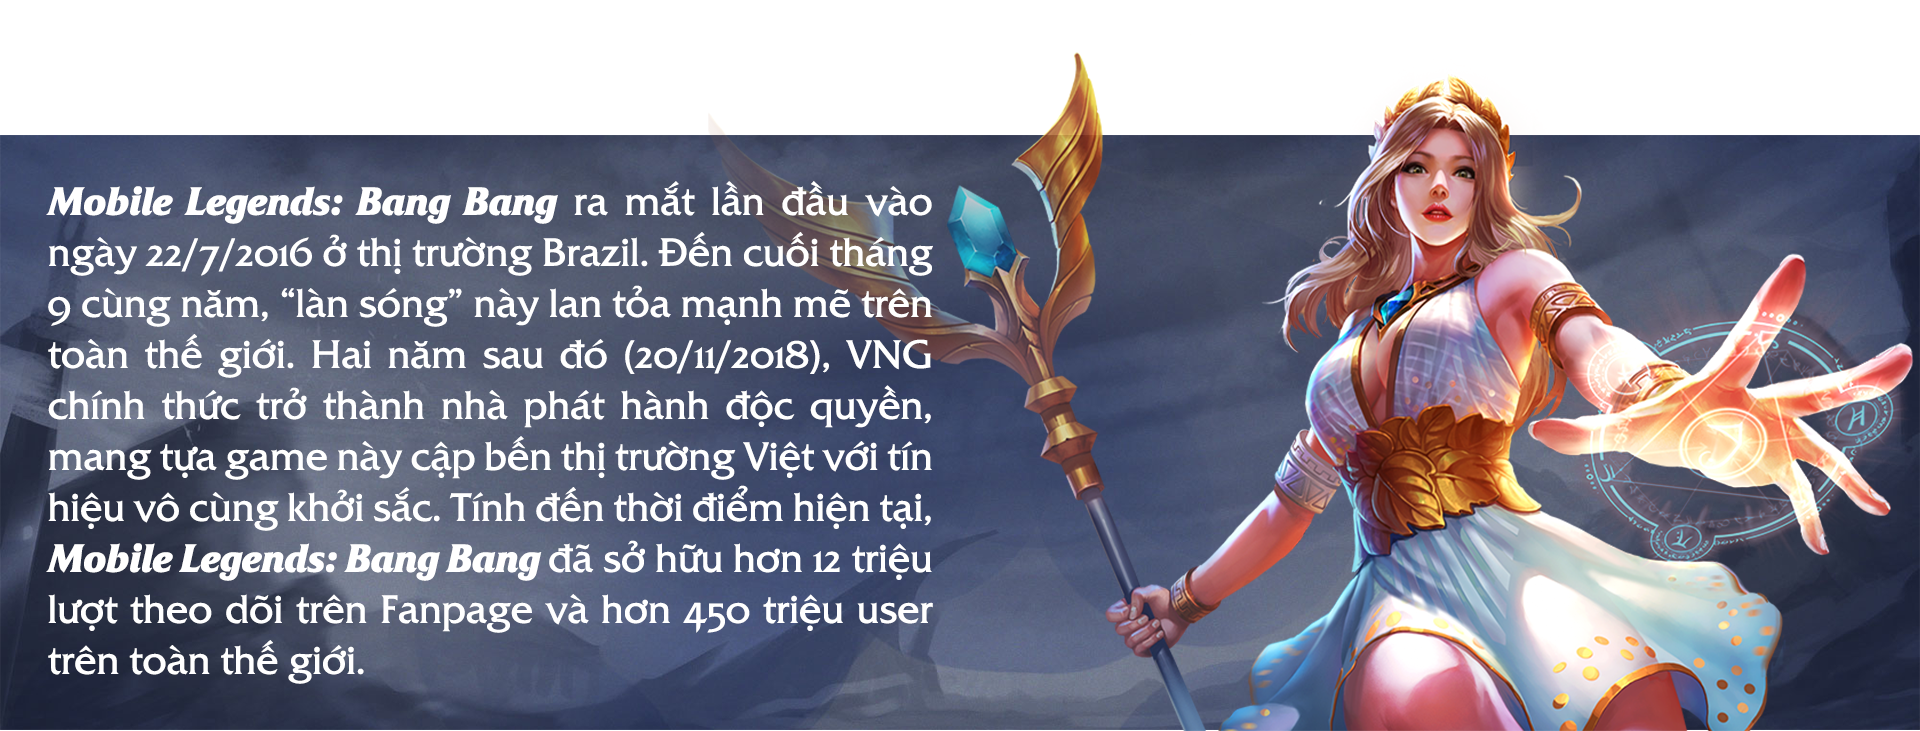 VNG: Từ những bước đi eSports sơ khởi đến 'bom tấn' Mobile Legends: Bang Bang - Ảnh 5.